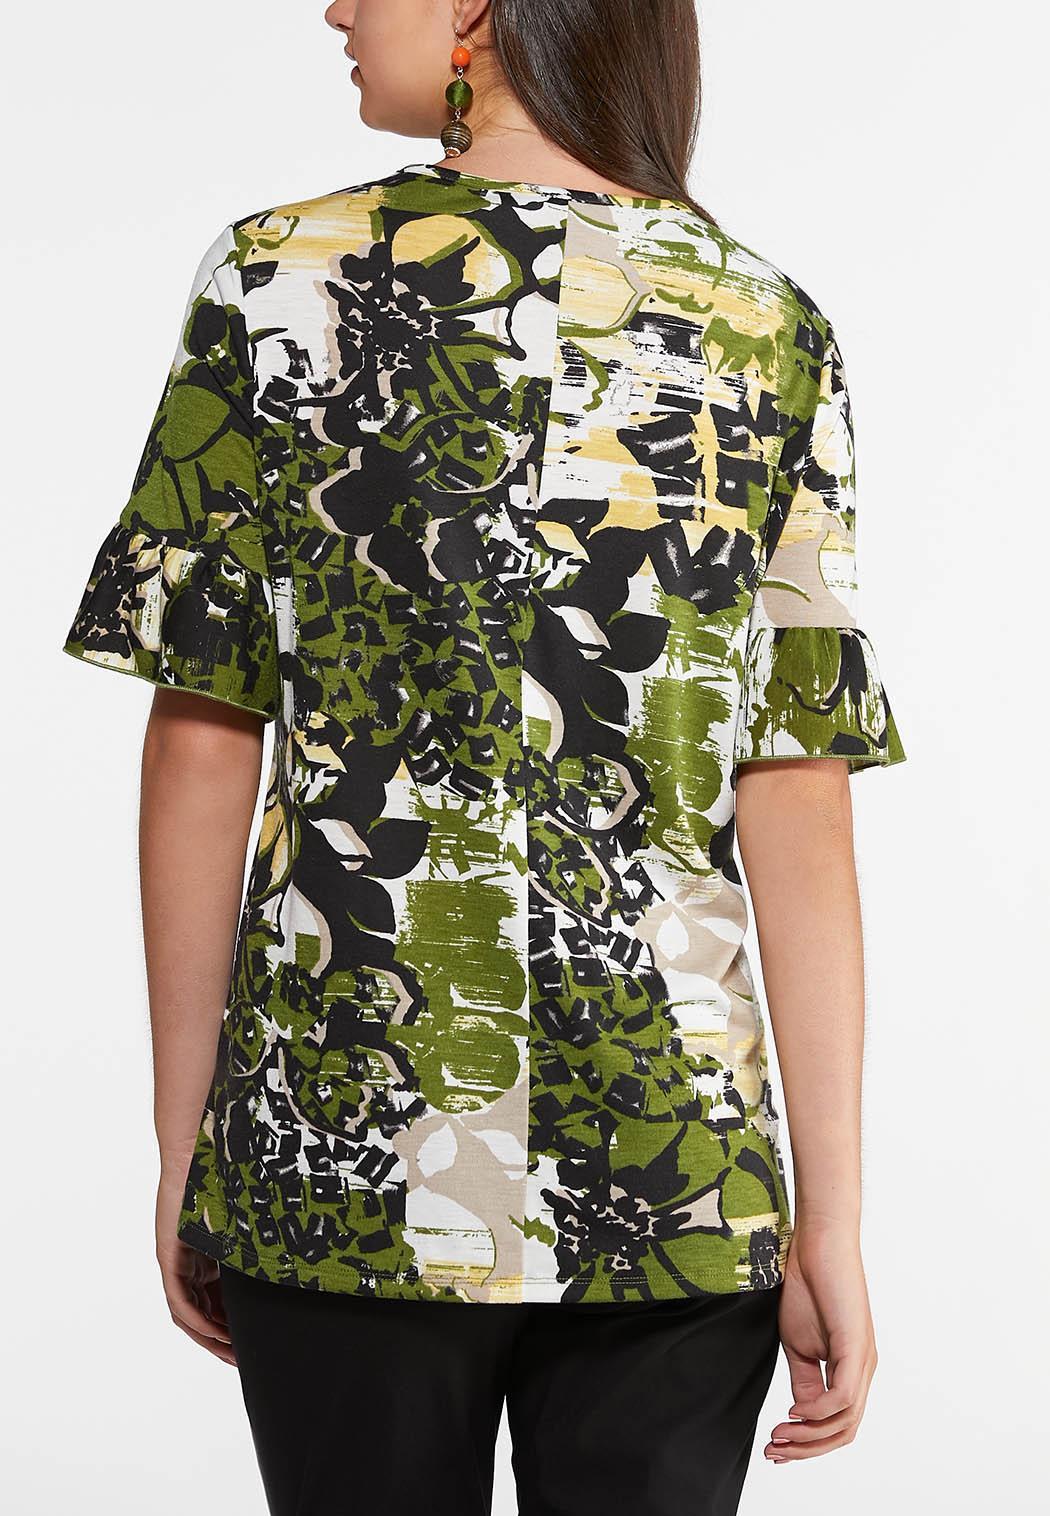 Embellished Green Floral Top (Item #43941690)